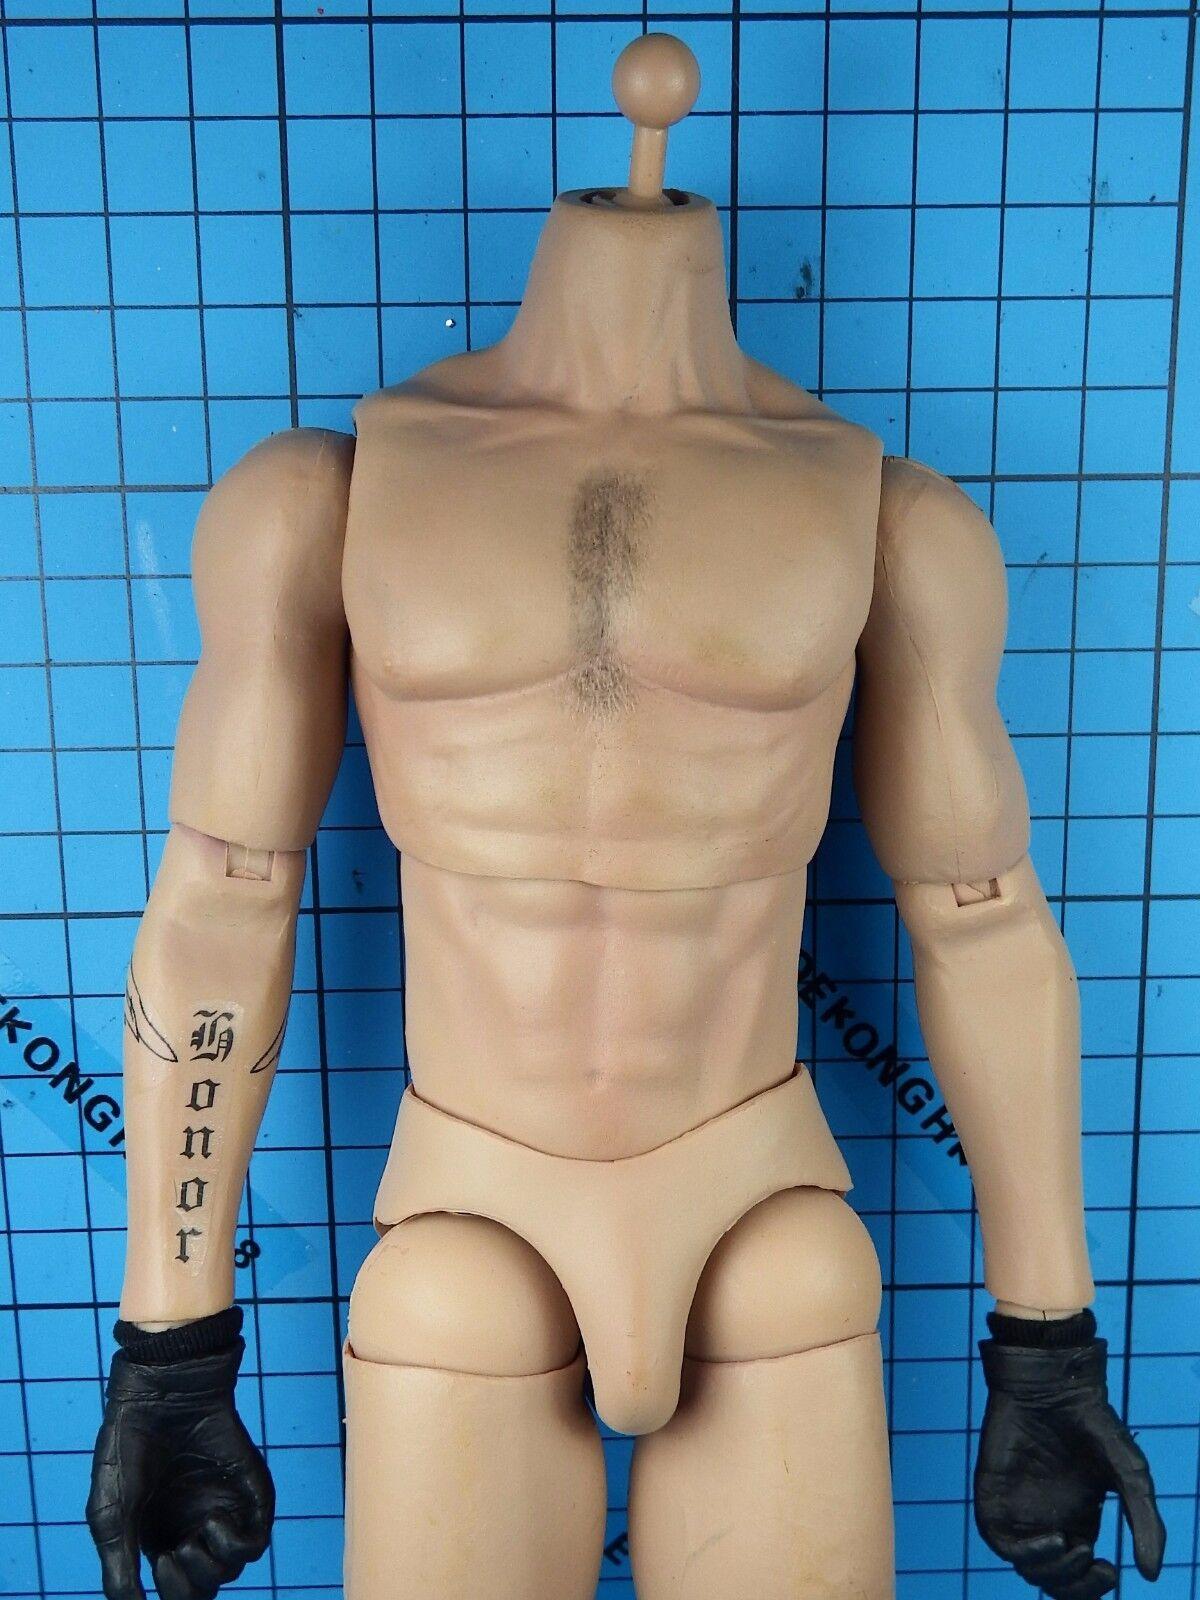 Flagset bis 6 fs-73003 der maskierte söldner bild - tattoo muskulösen körper + palmen